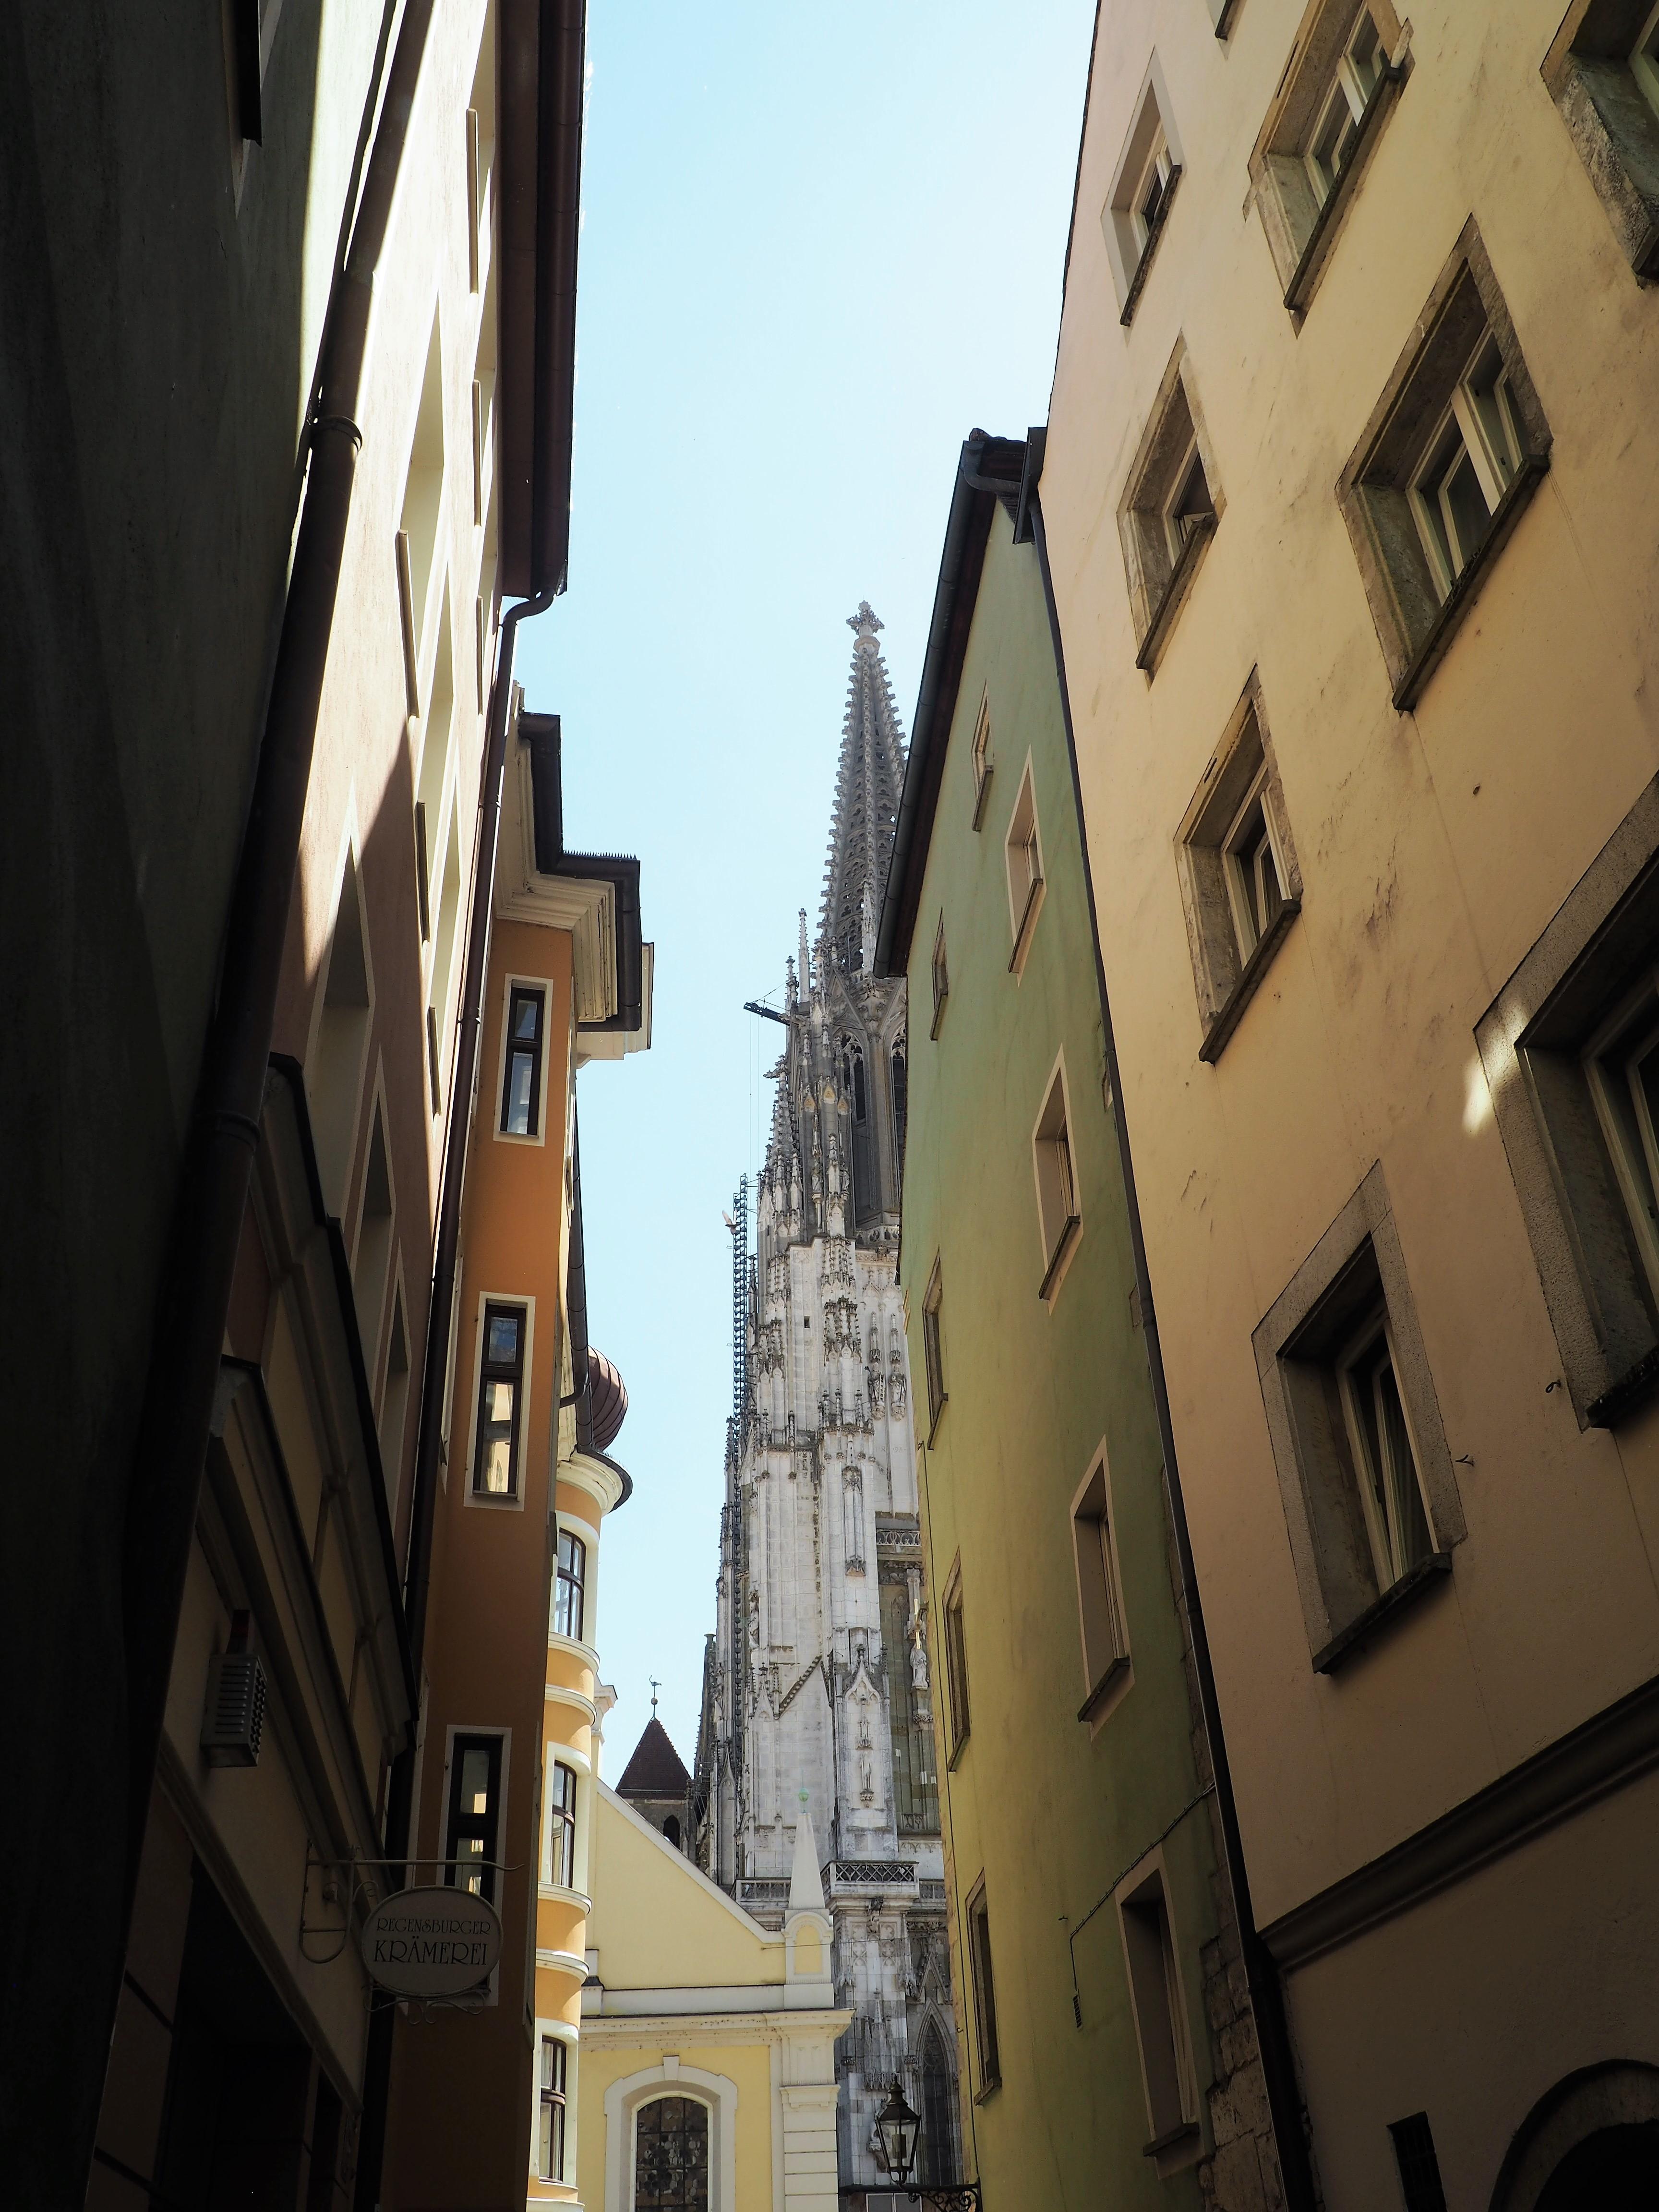 Unterschiedliche Blickwinkel auf den Dom in Regensburg